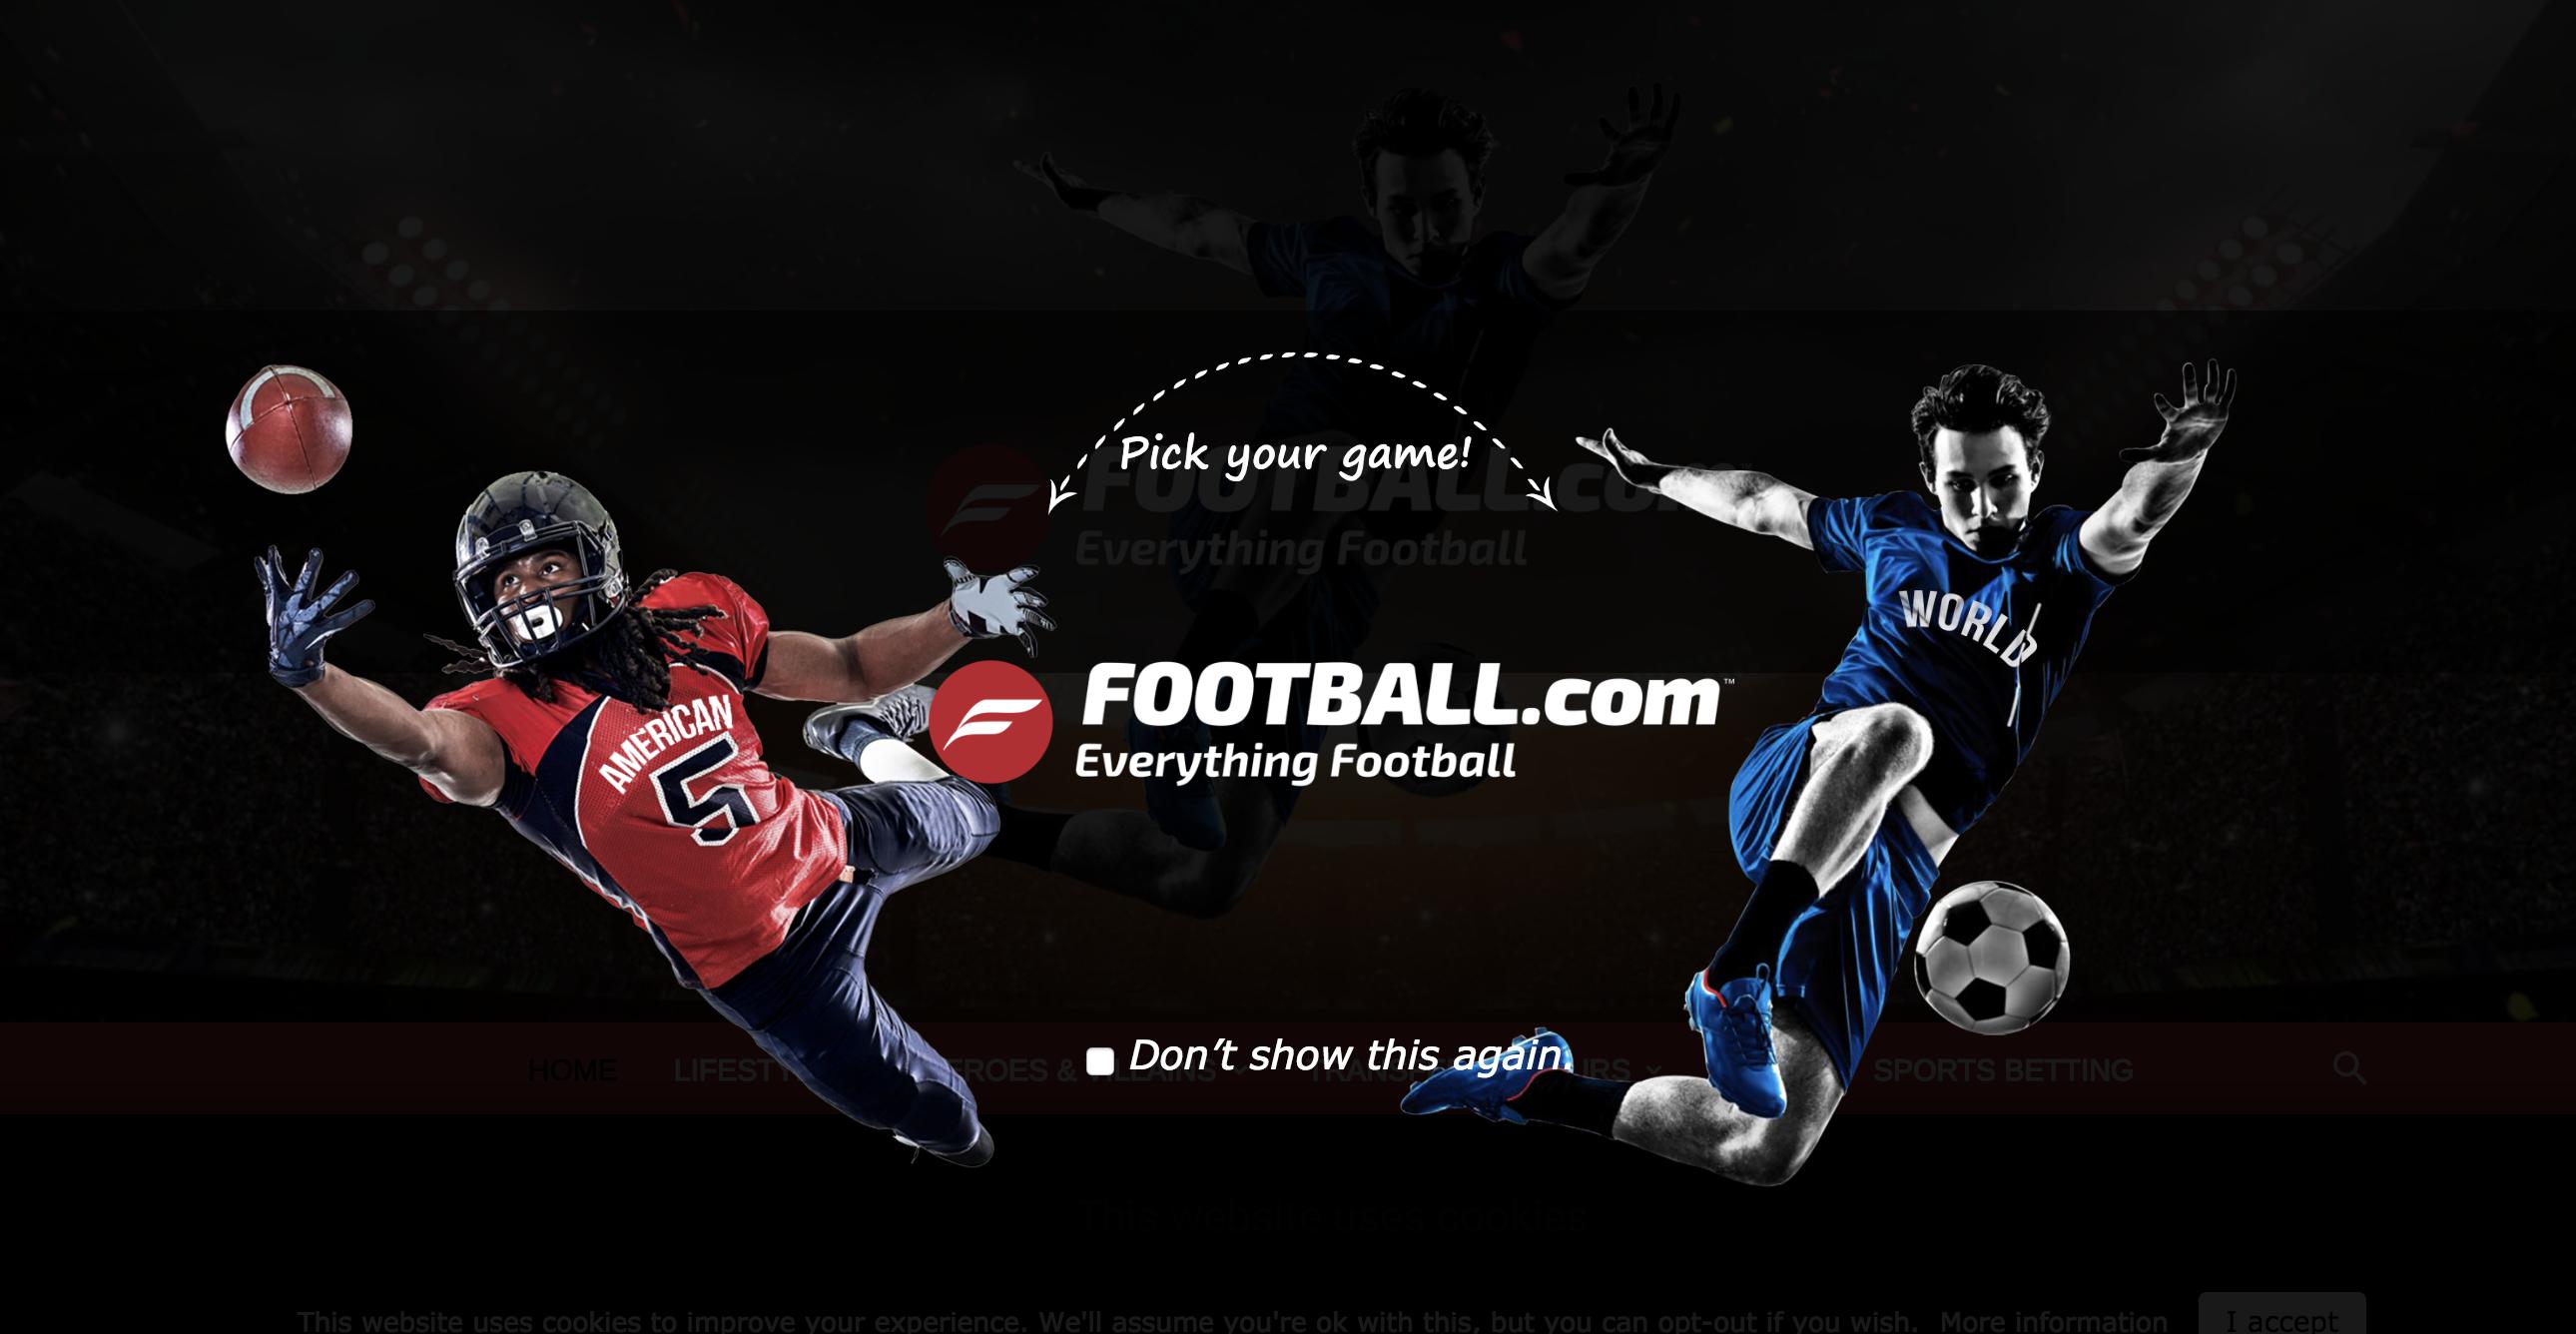 football.com